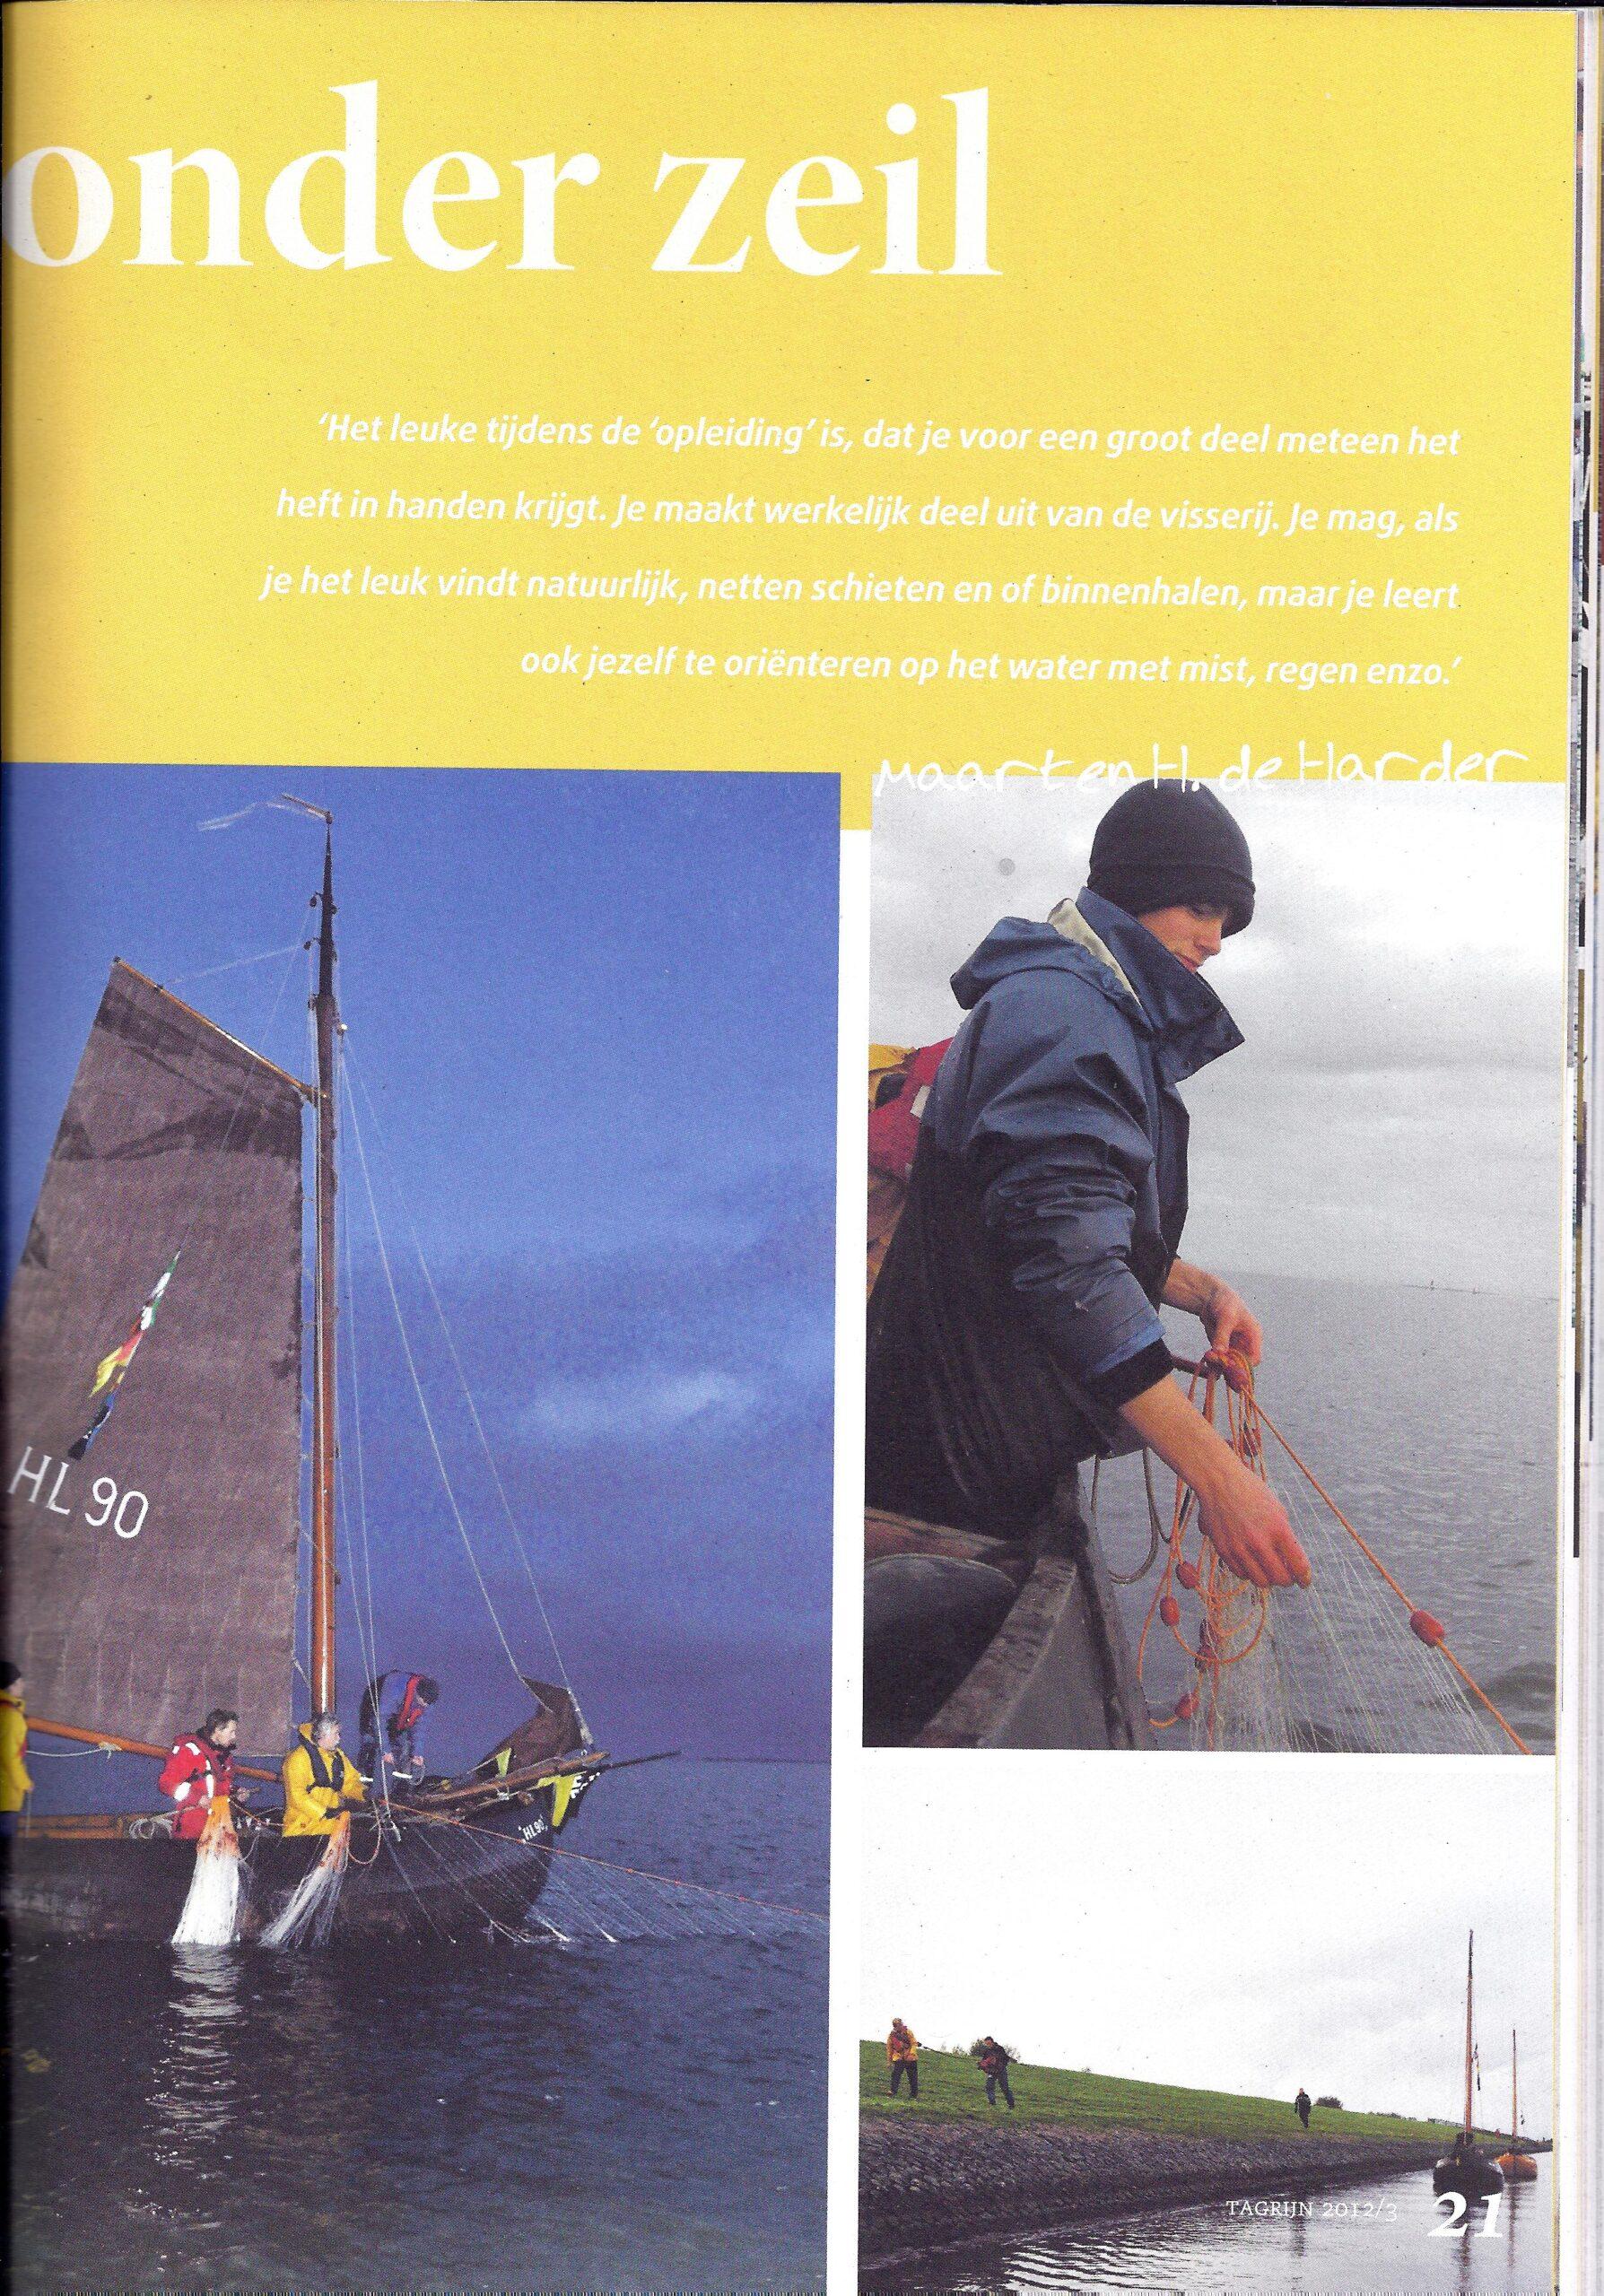 Tagrijn 2012 Jonge Visser onder zeil | Pagina 2.